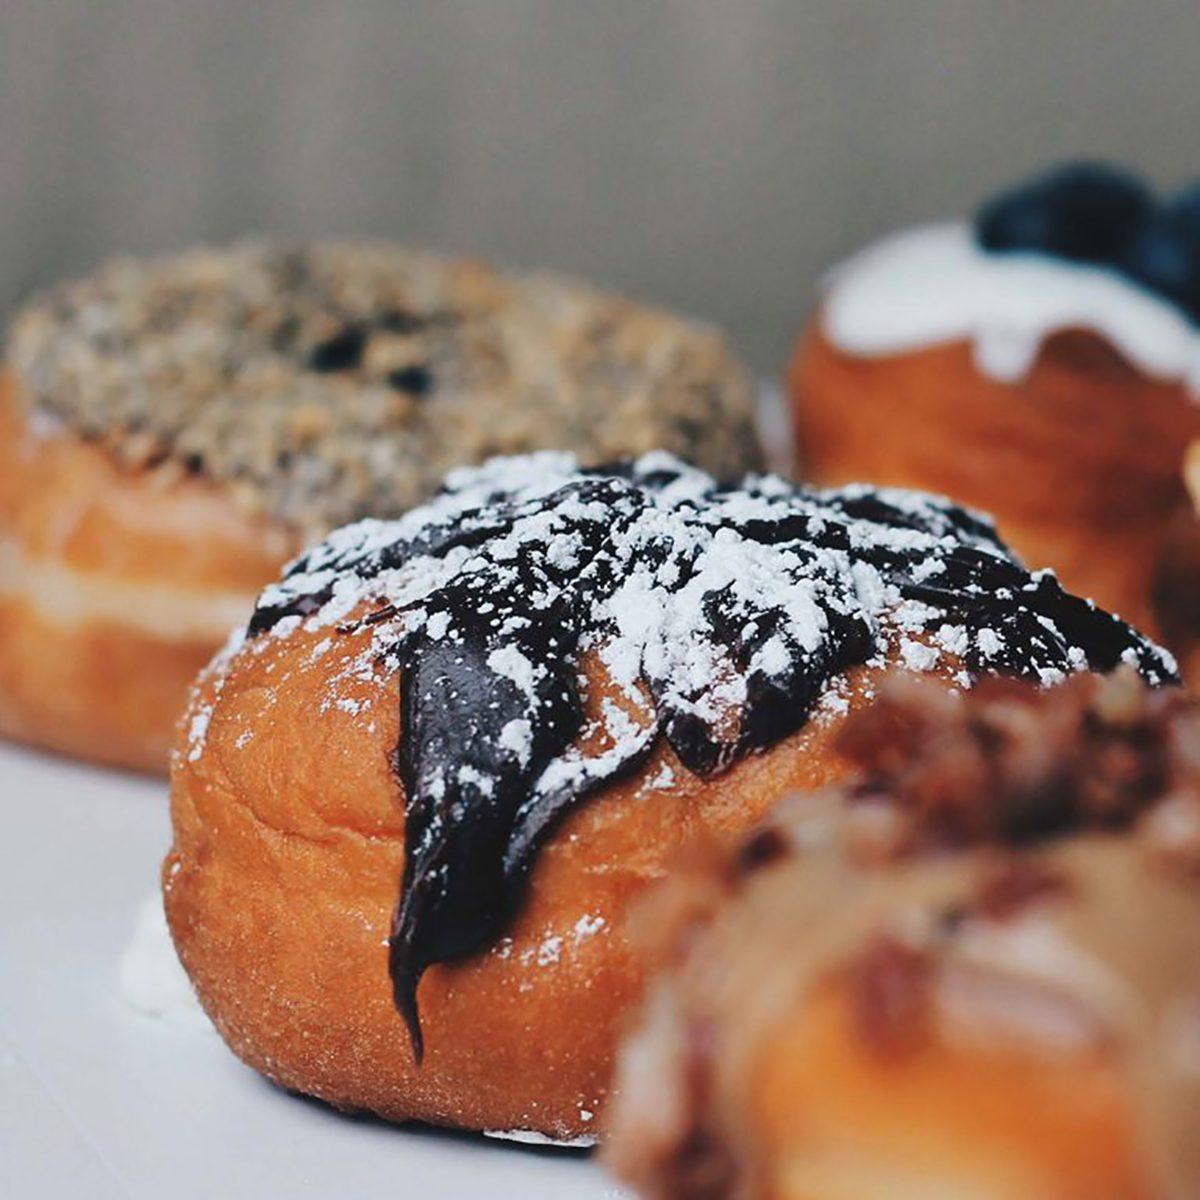 Doughnuts from Wyman's Spudnuts in Okoboji, Iowa